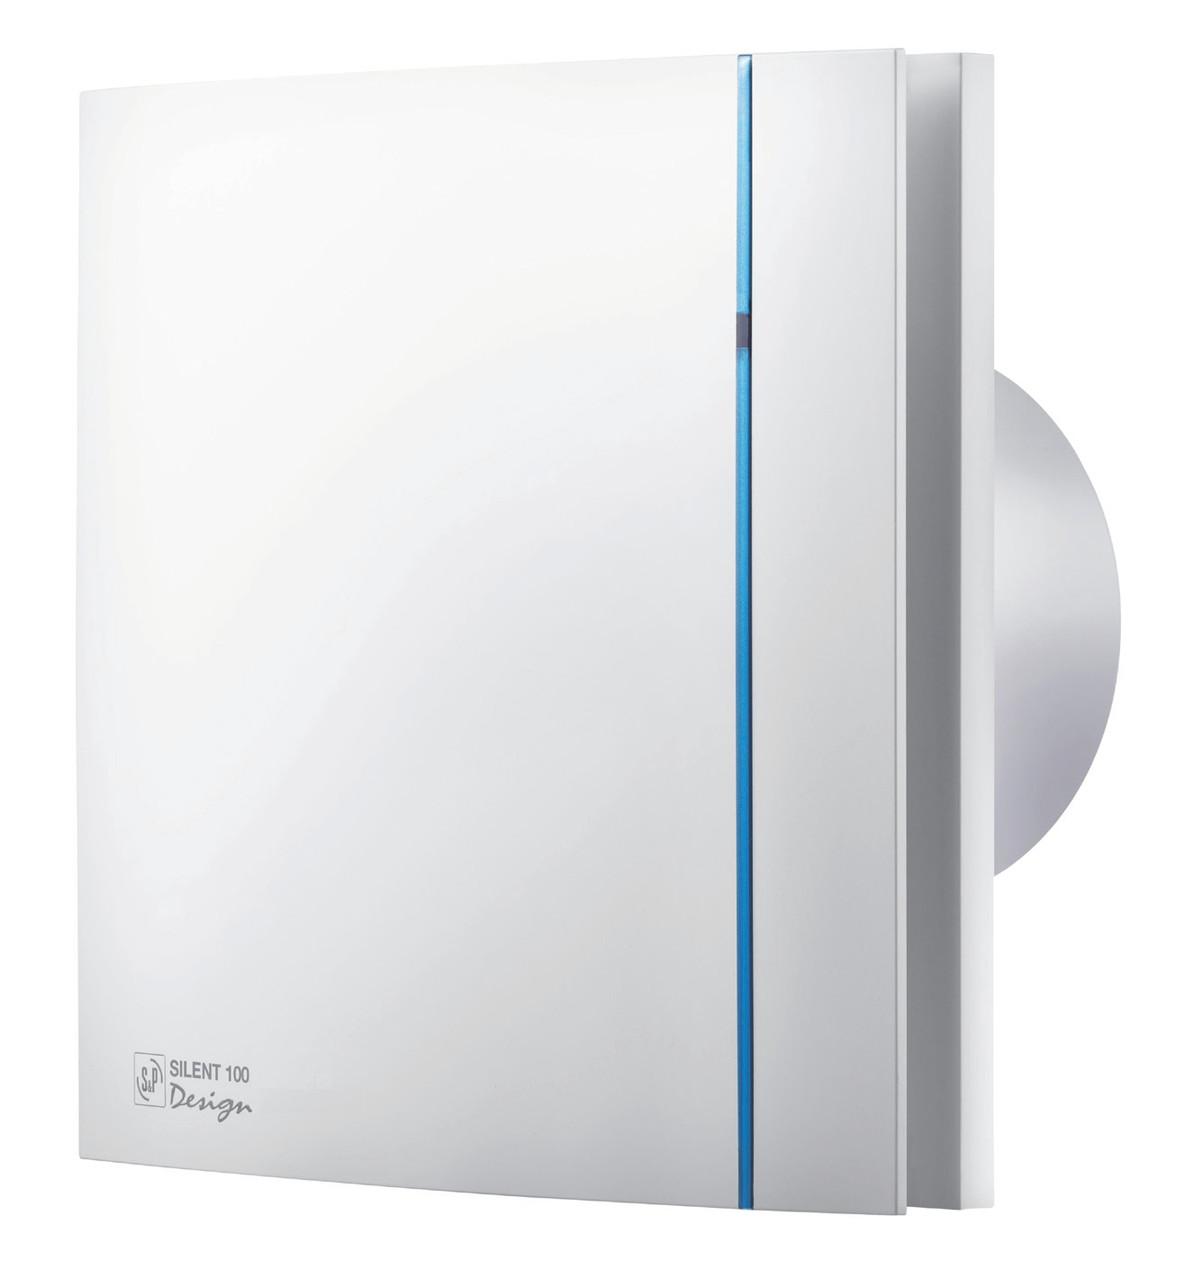 Вентилятор бытовой осевой S&P SILENT-100 CZ DESIGN (230V 50)